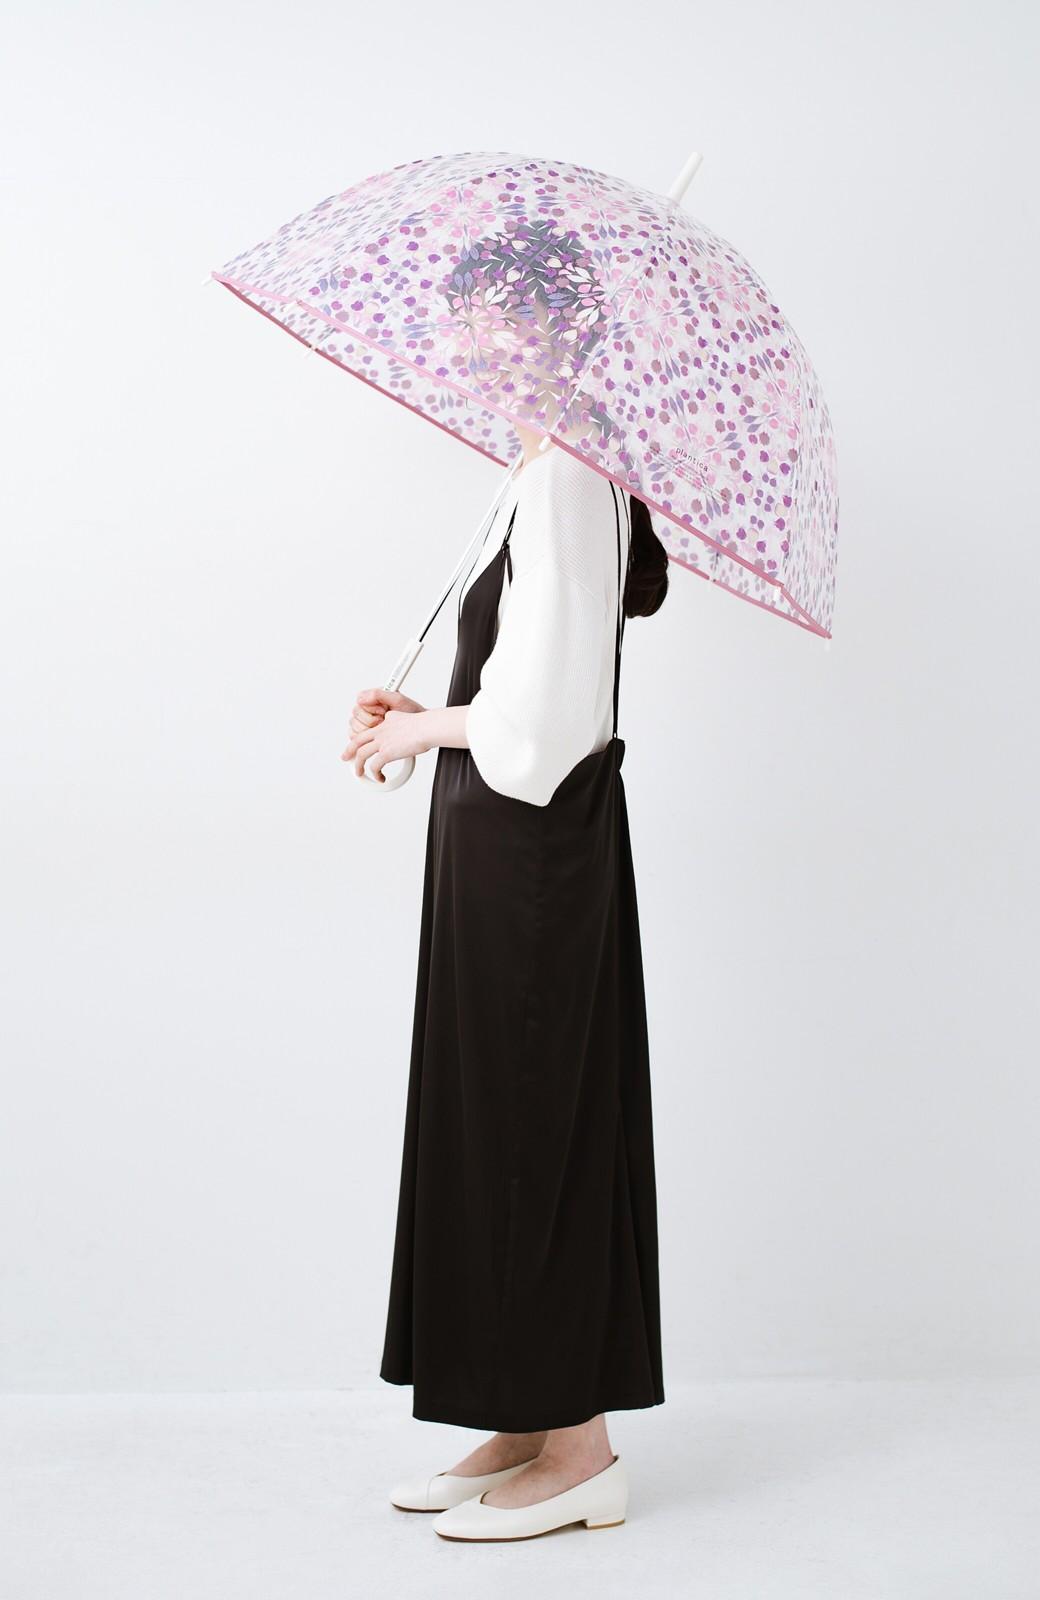 haco! Wpc.×plantica ドーム型がかわいい プラスティックアンブレラ フラワー <ピンク>の商品写真11